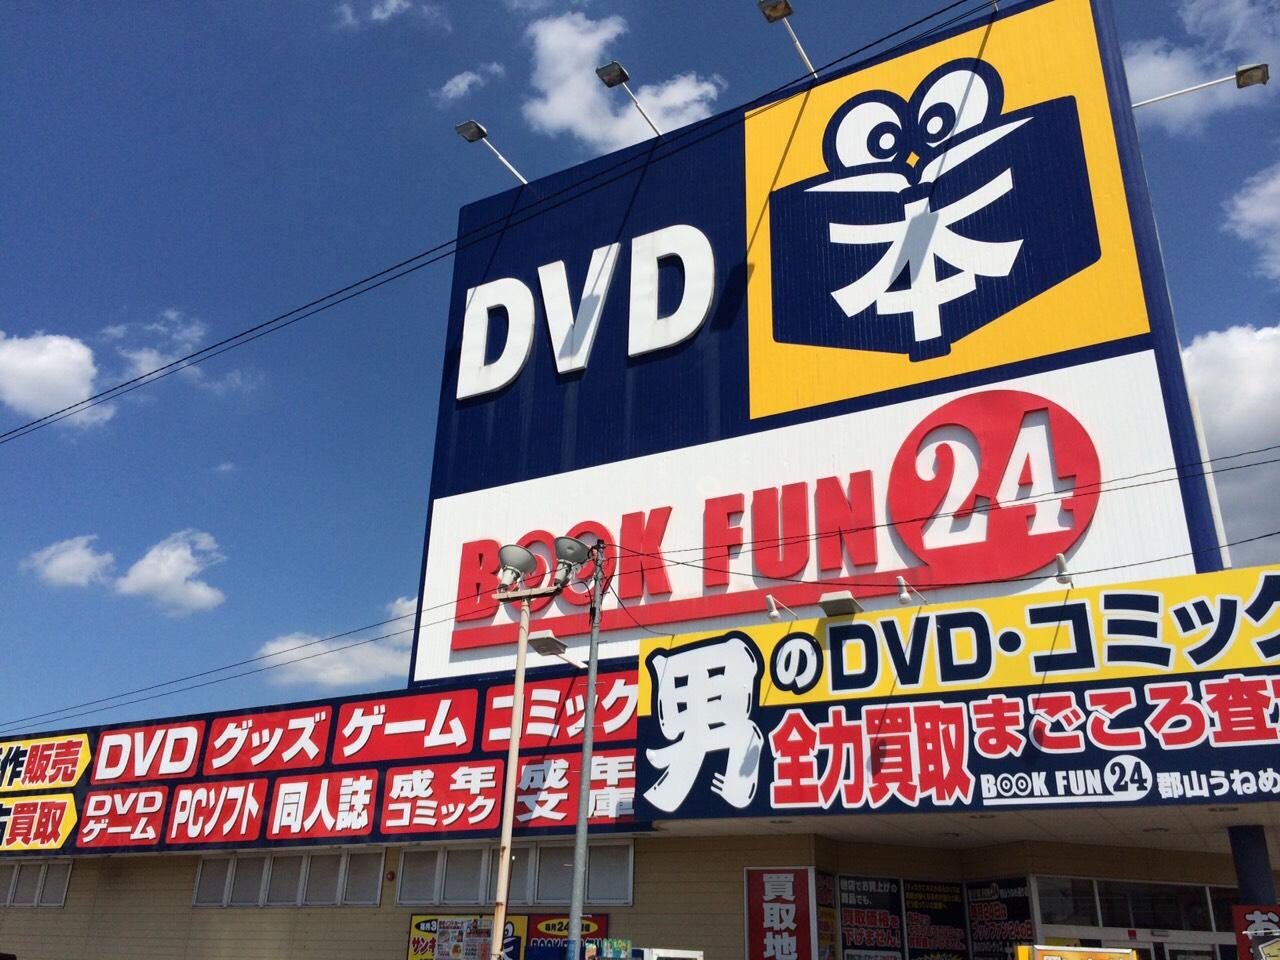 ブックファン24郡山うねめ通り店